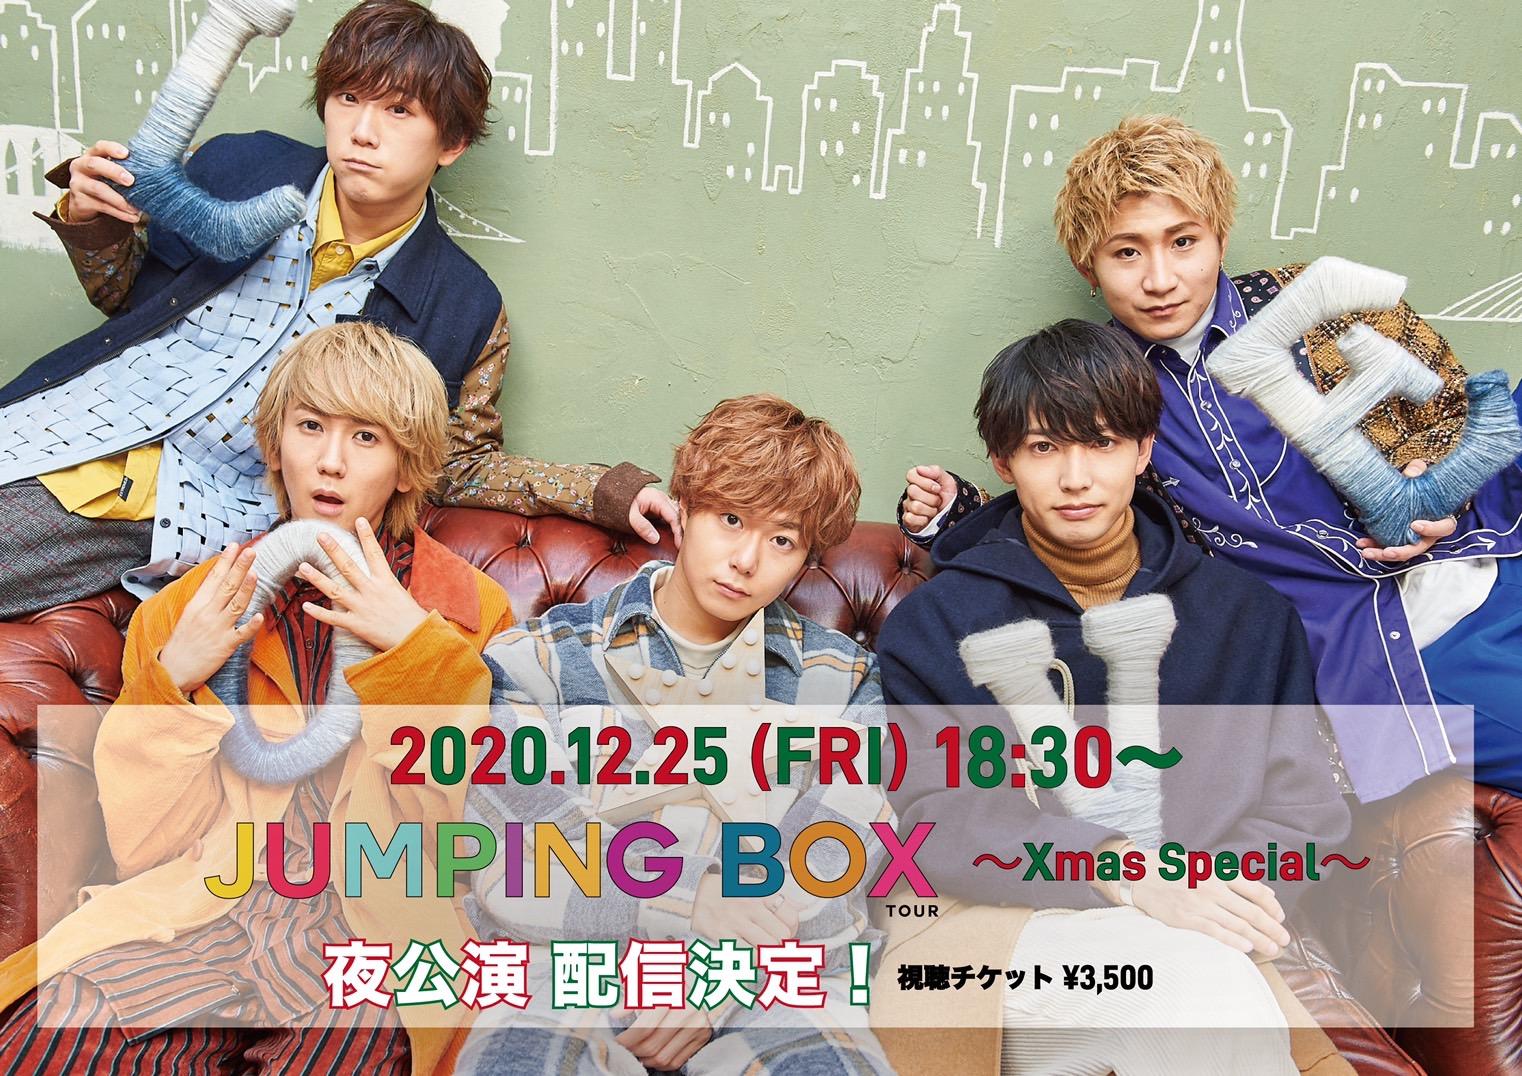 【重要なお知らせ】12/25「CUBERS JUMPING BOX TOUR ~Xmas Special~」配信ライブ・視聴チケット希望者払戻に関するお知らせ